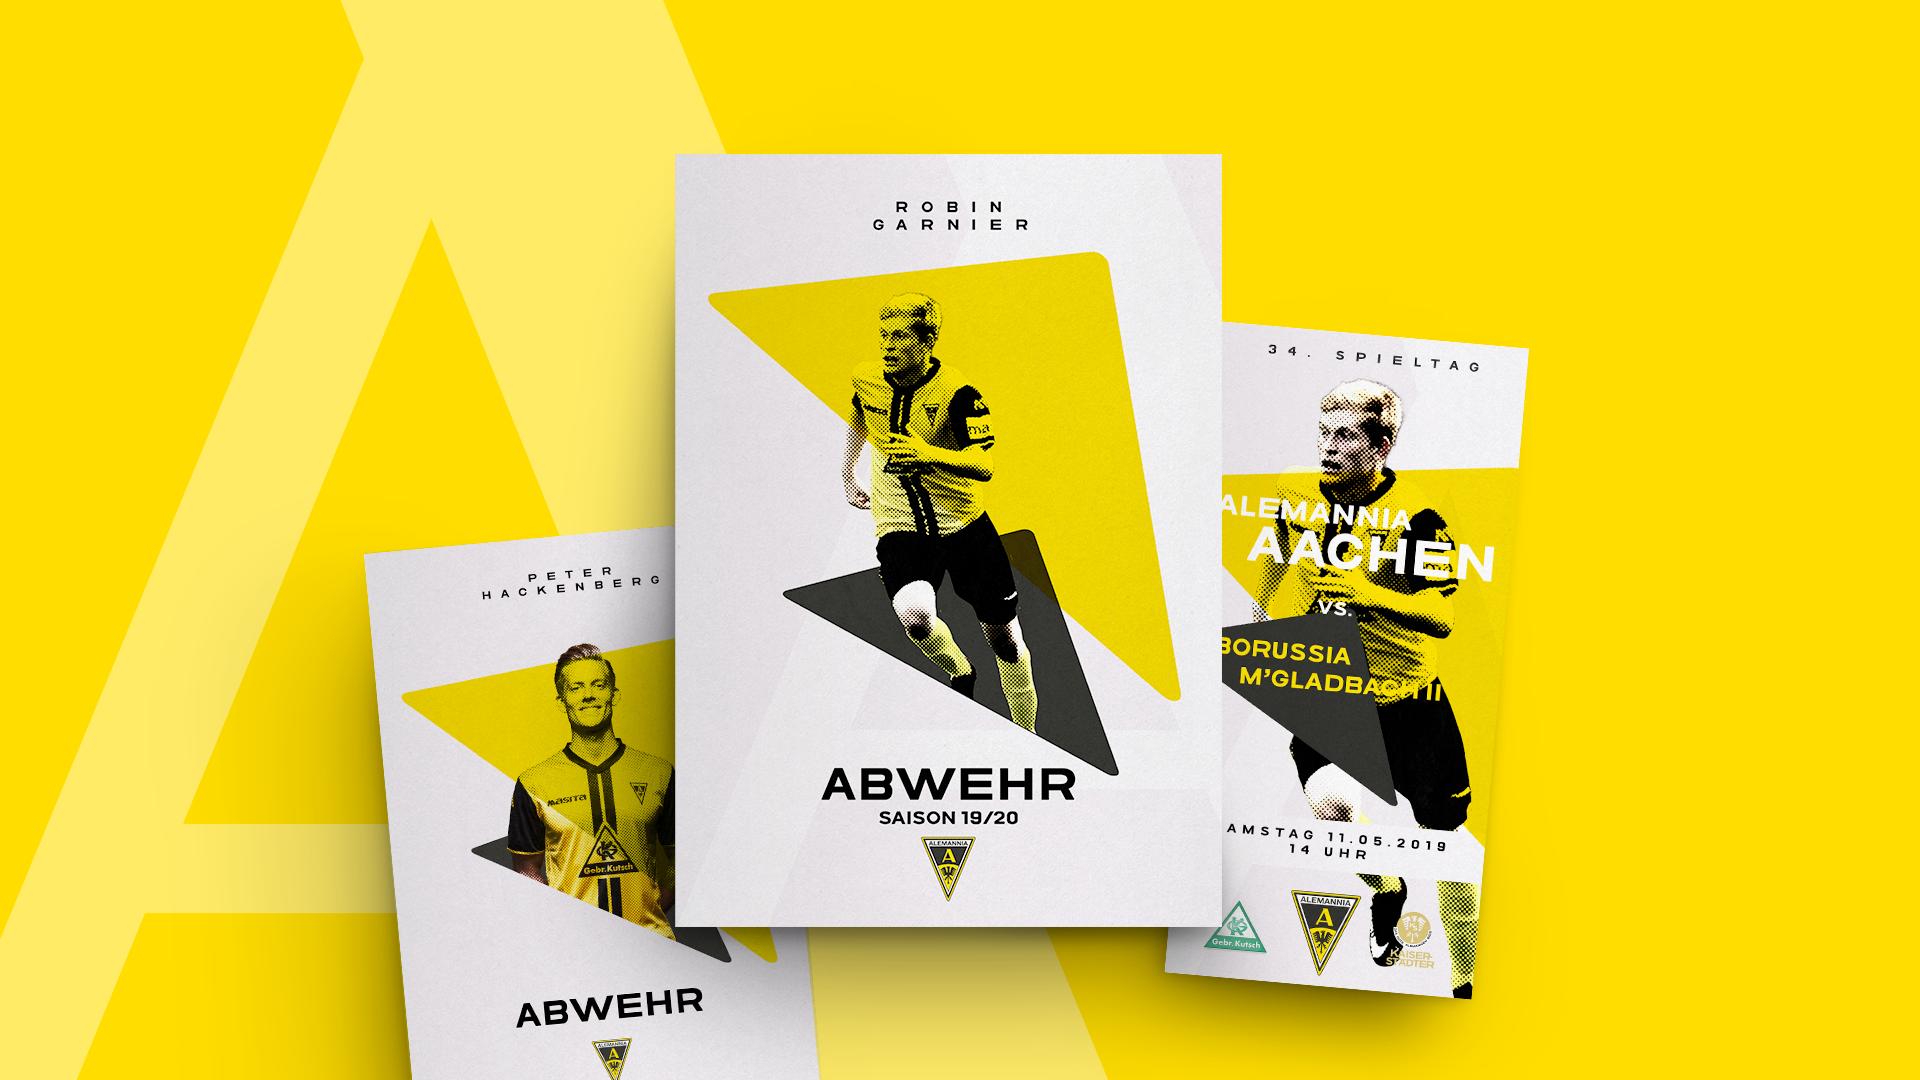 Flyermaterial für Spielankündigungen und Spielerportraits in verschiedenen Variationen für Robin Garnier und Peter Hackenberg.